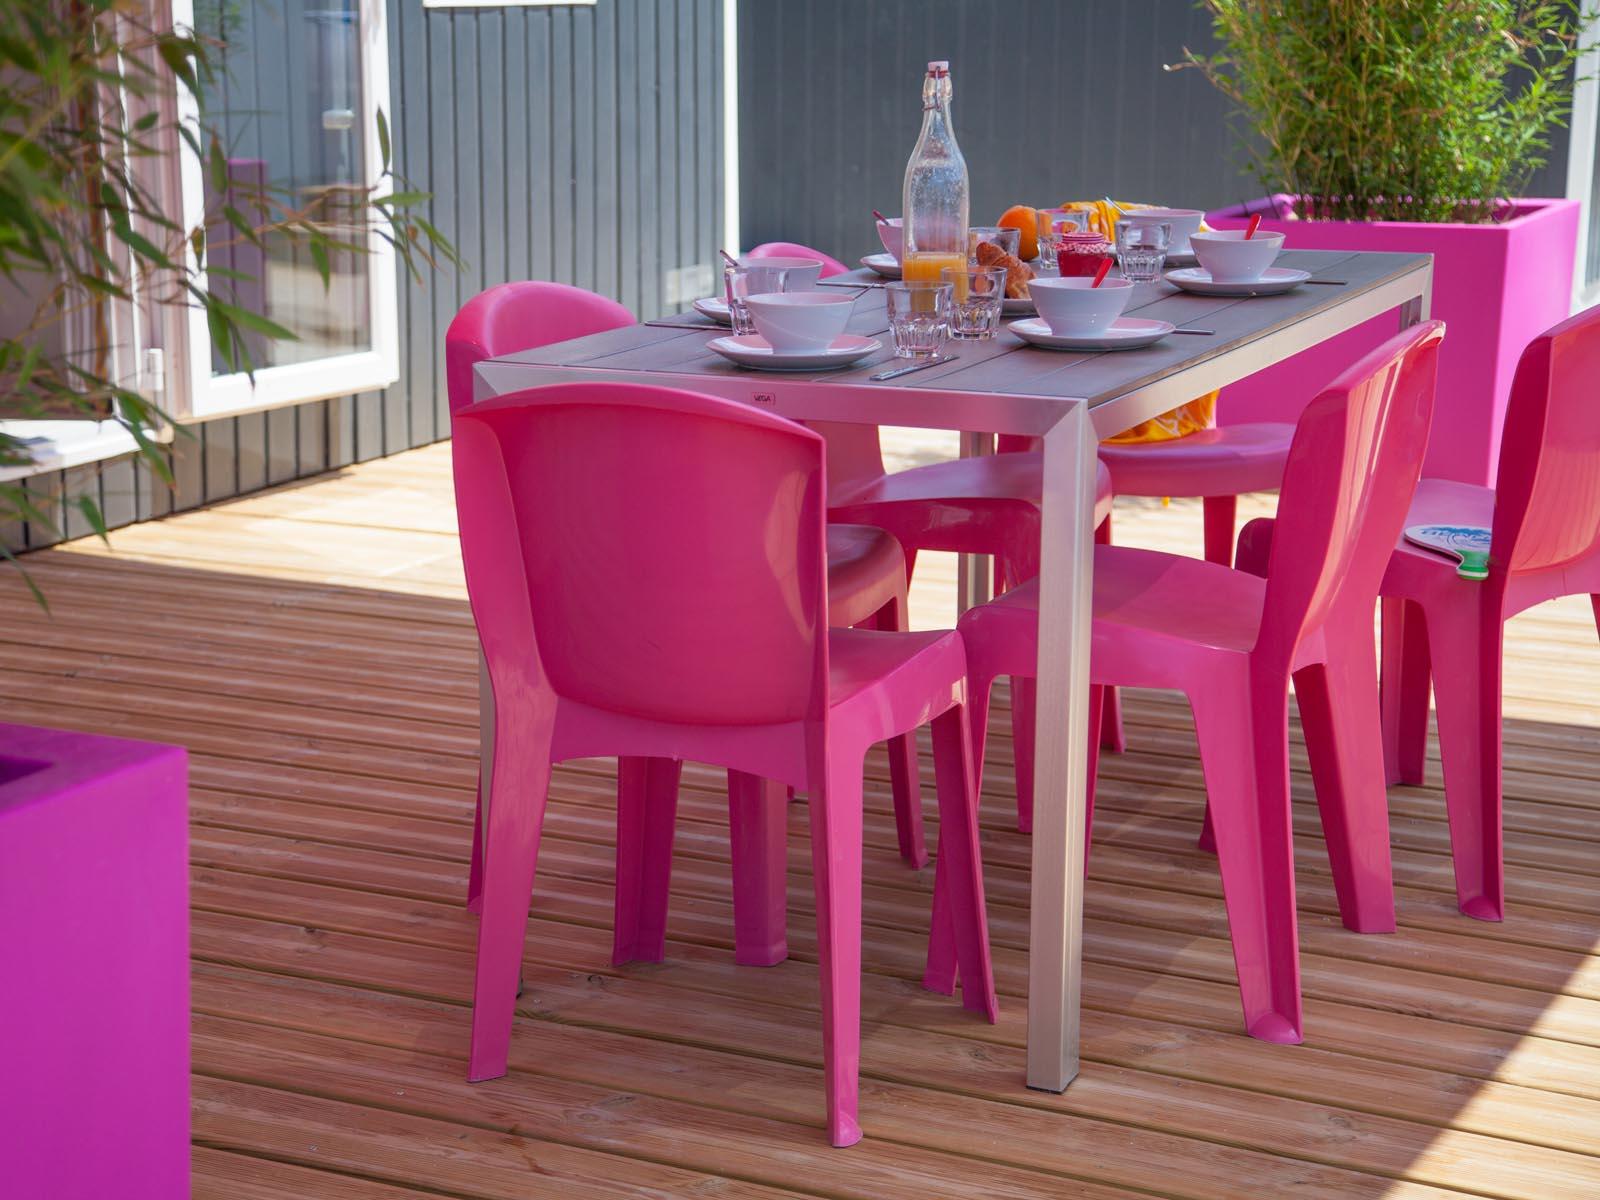 Chaises de jardin roses et modernes